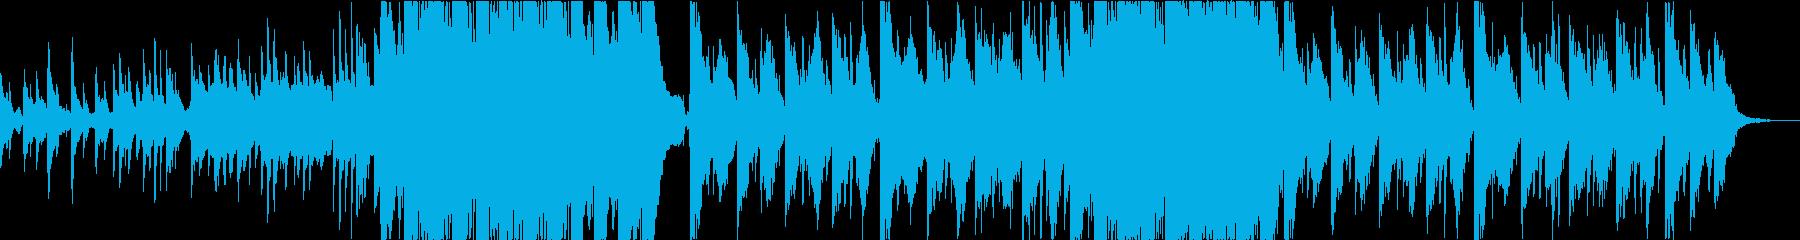 切ない 幻想的 感動 退廃 ピアノの再生済みの波形